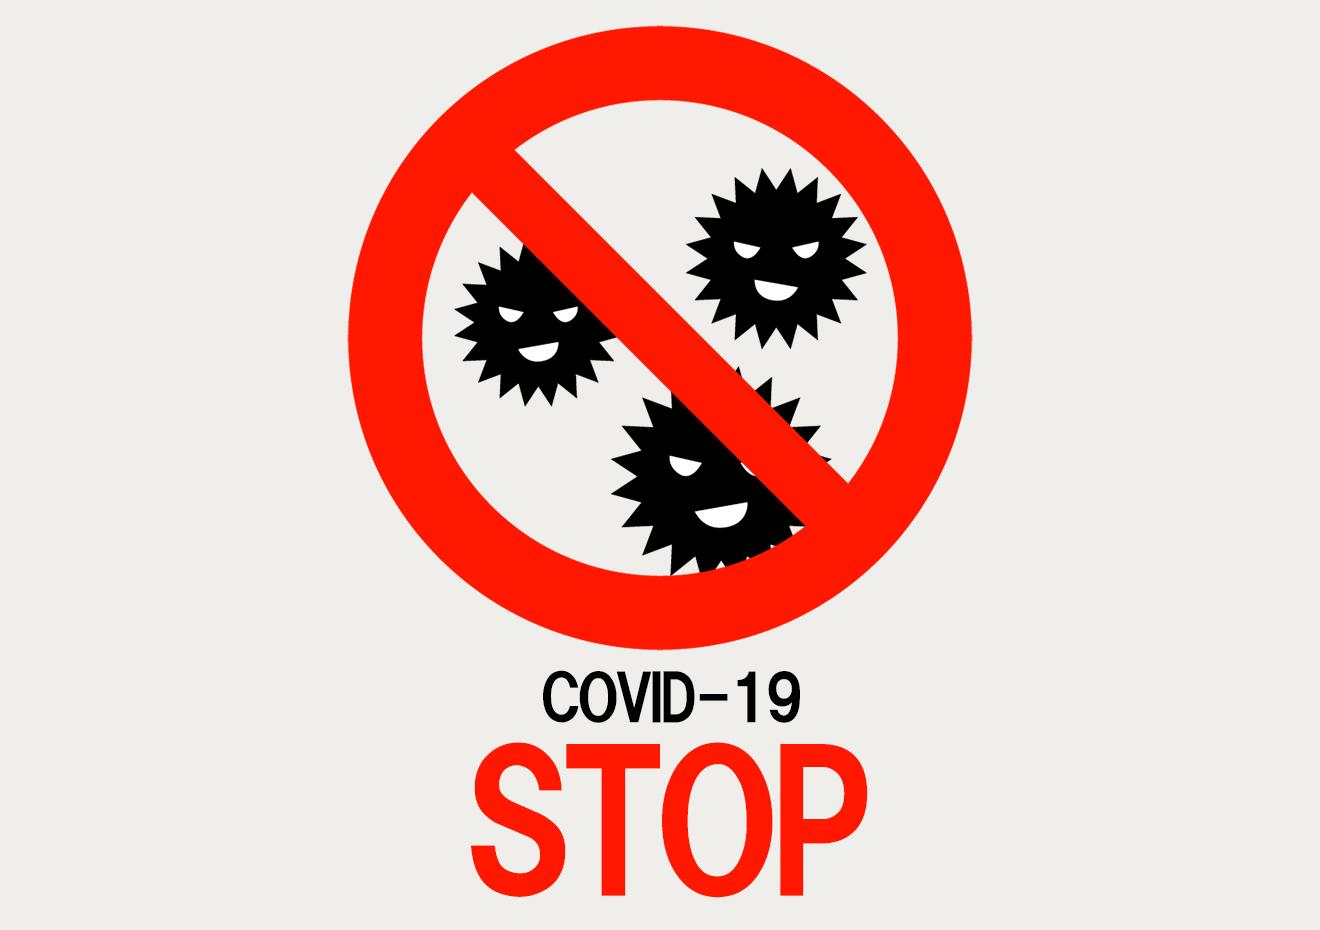 【コロナウイルス感染拡大防止】ハッシュタグが世界を防ぐかもしれない⁉